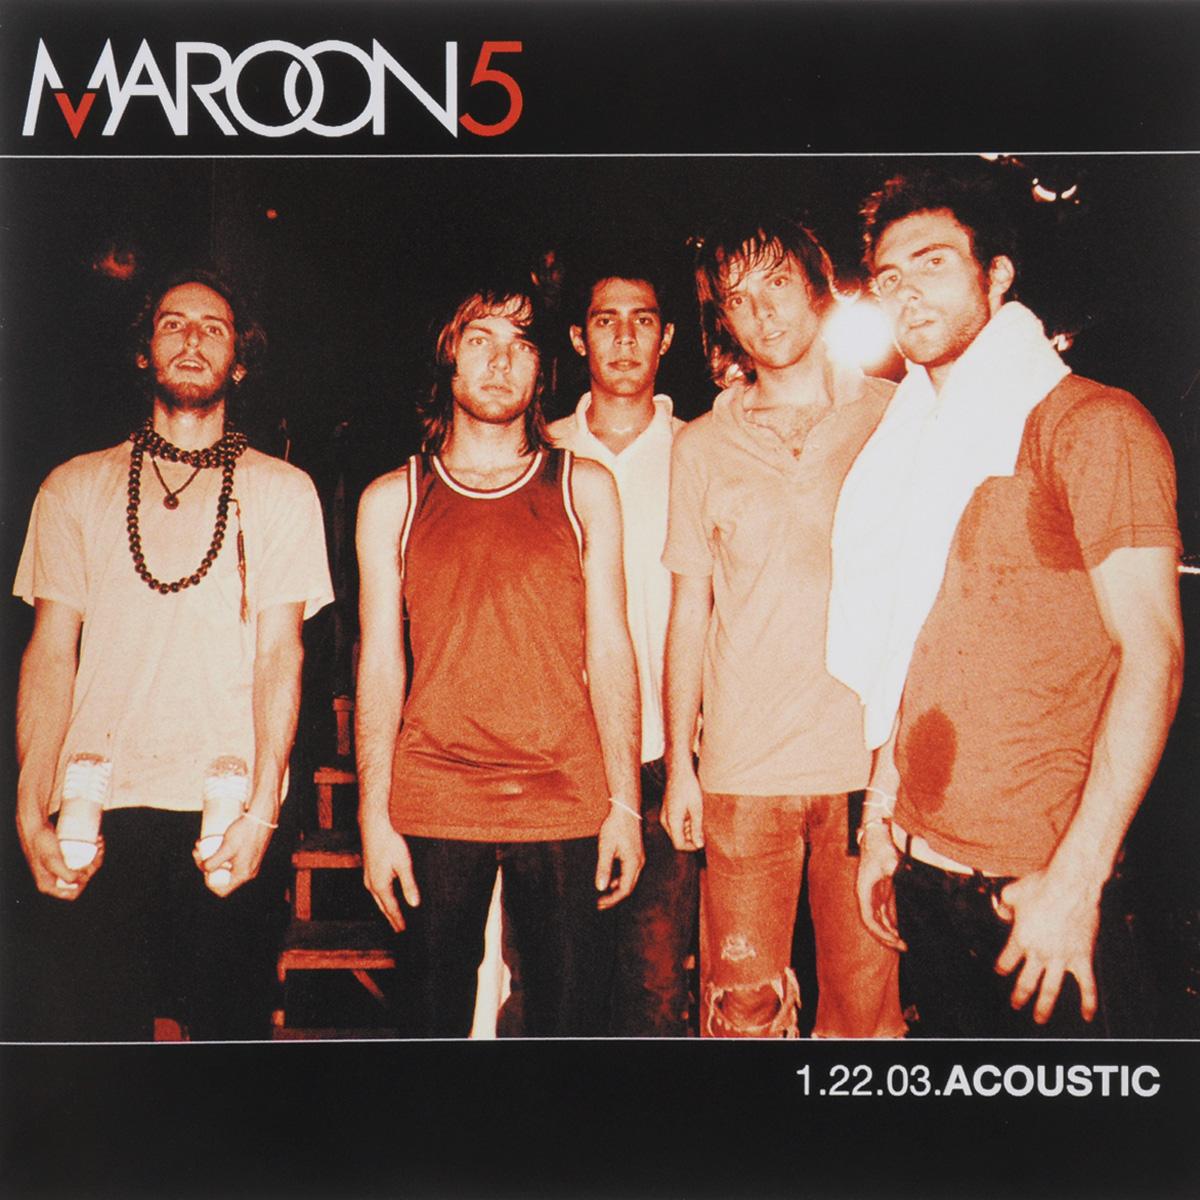 Maroon 5 5. 1.22.03 Acoustic